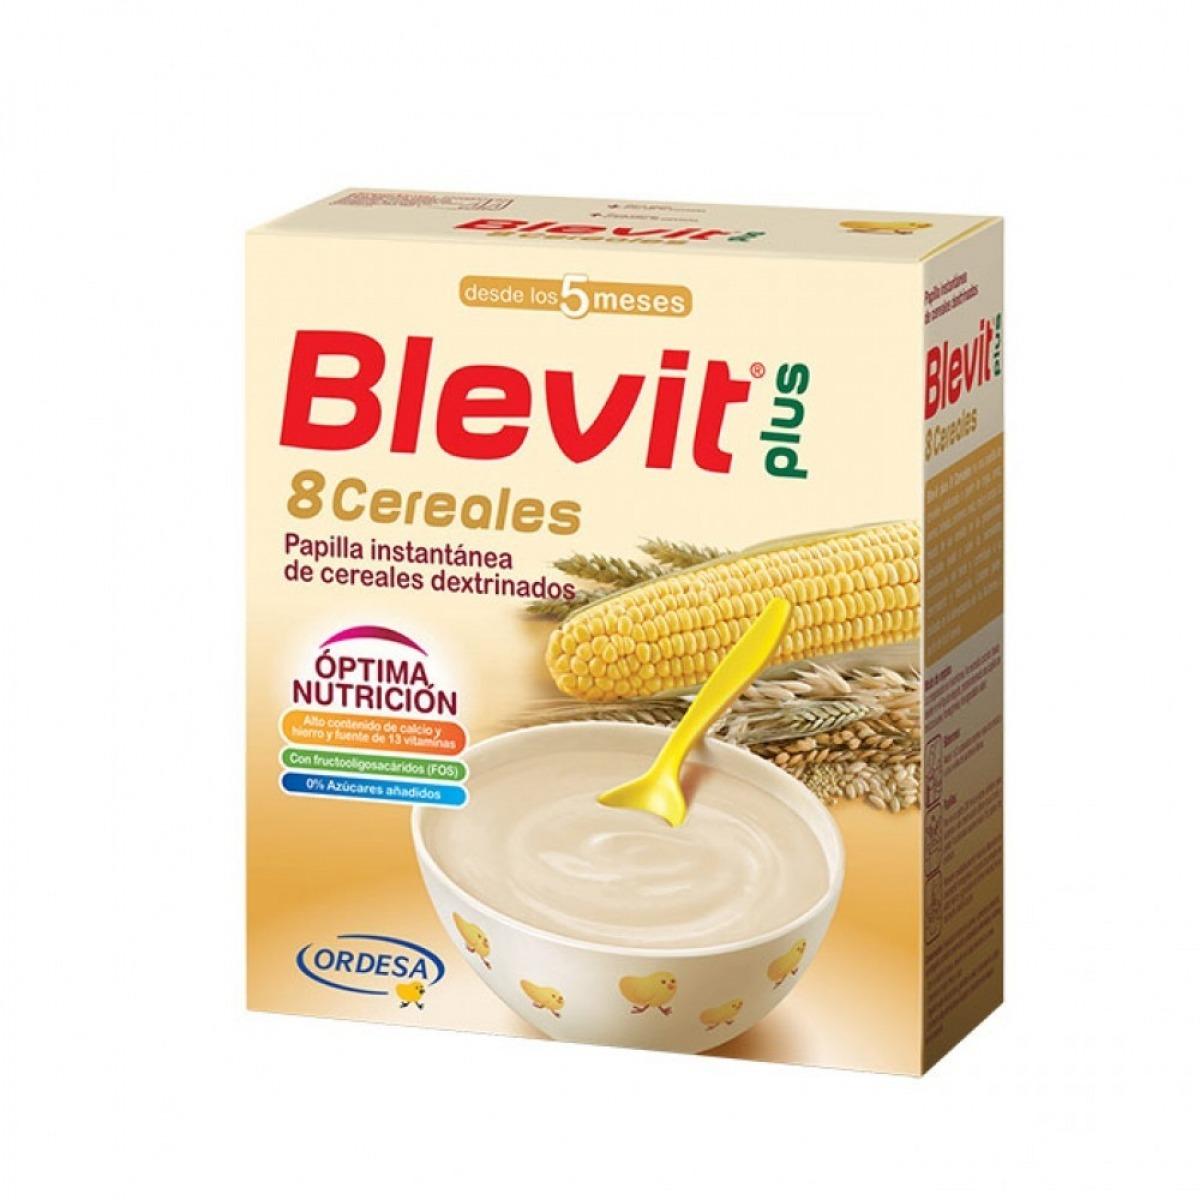 BLEVITPLUS8CEREALES600G I1